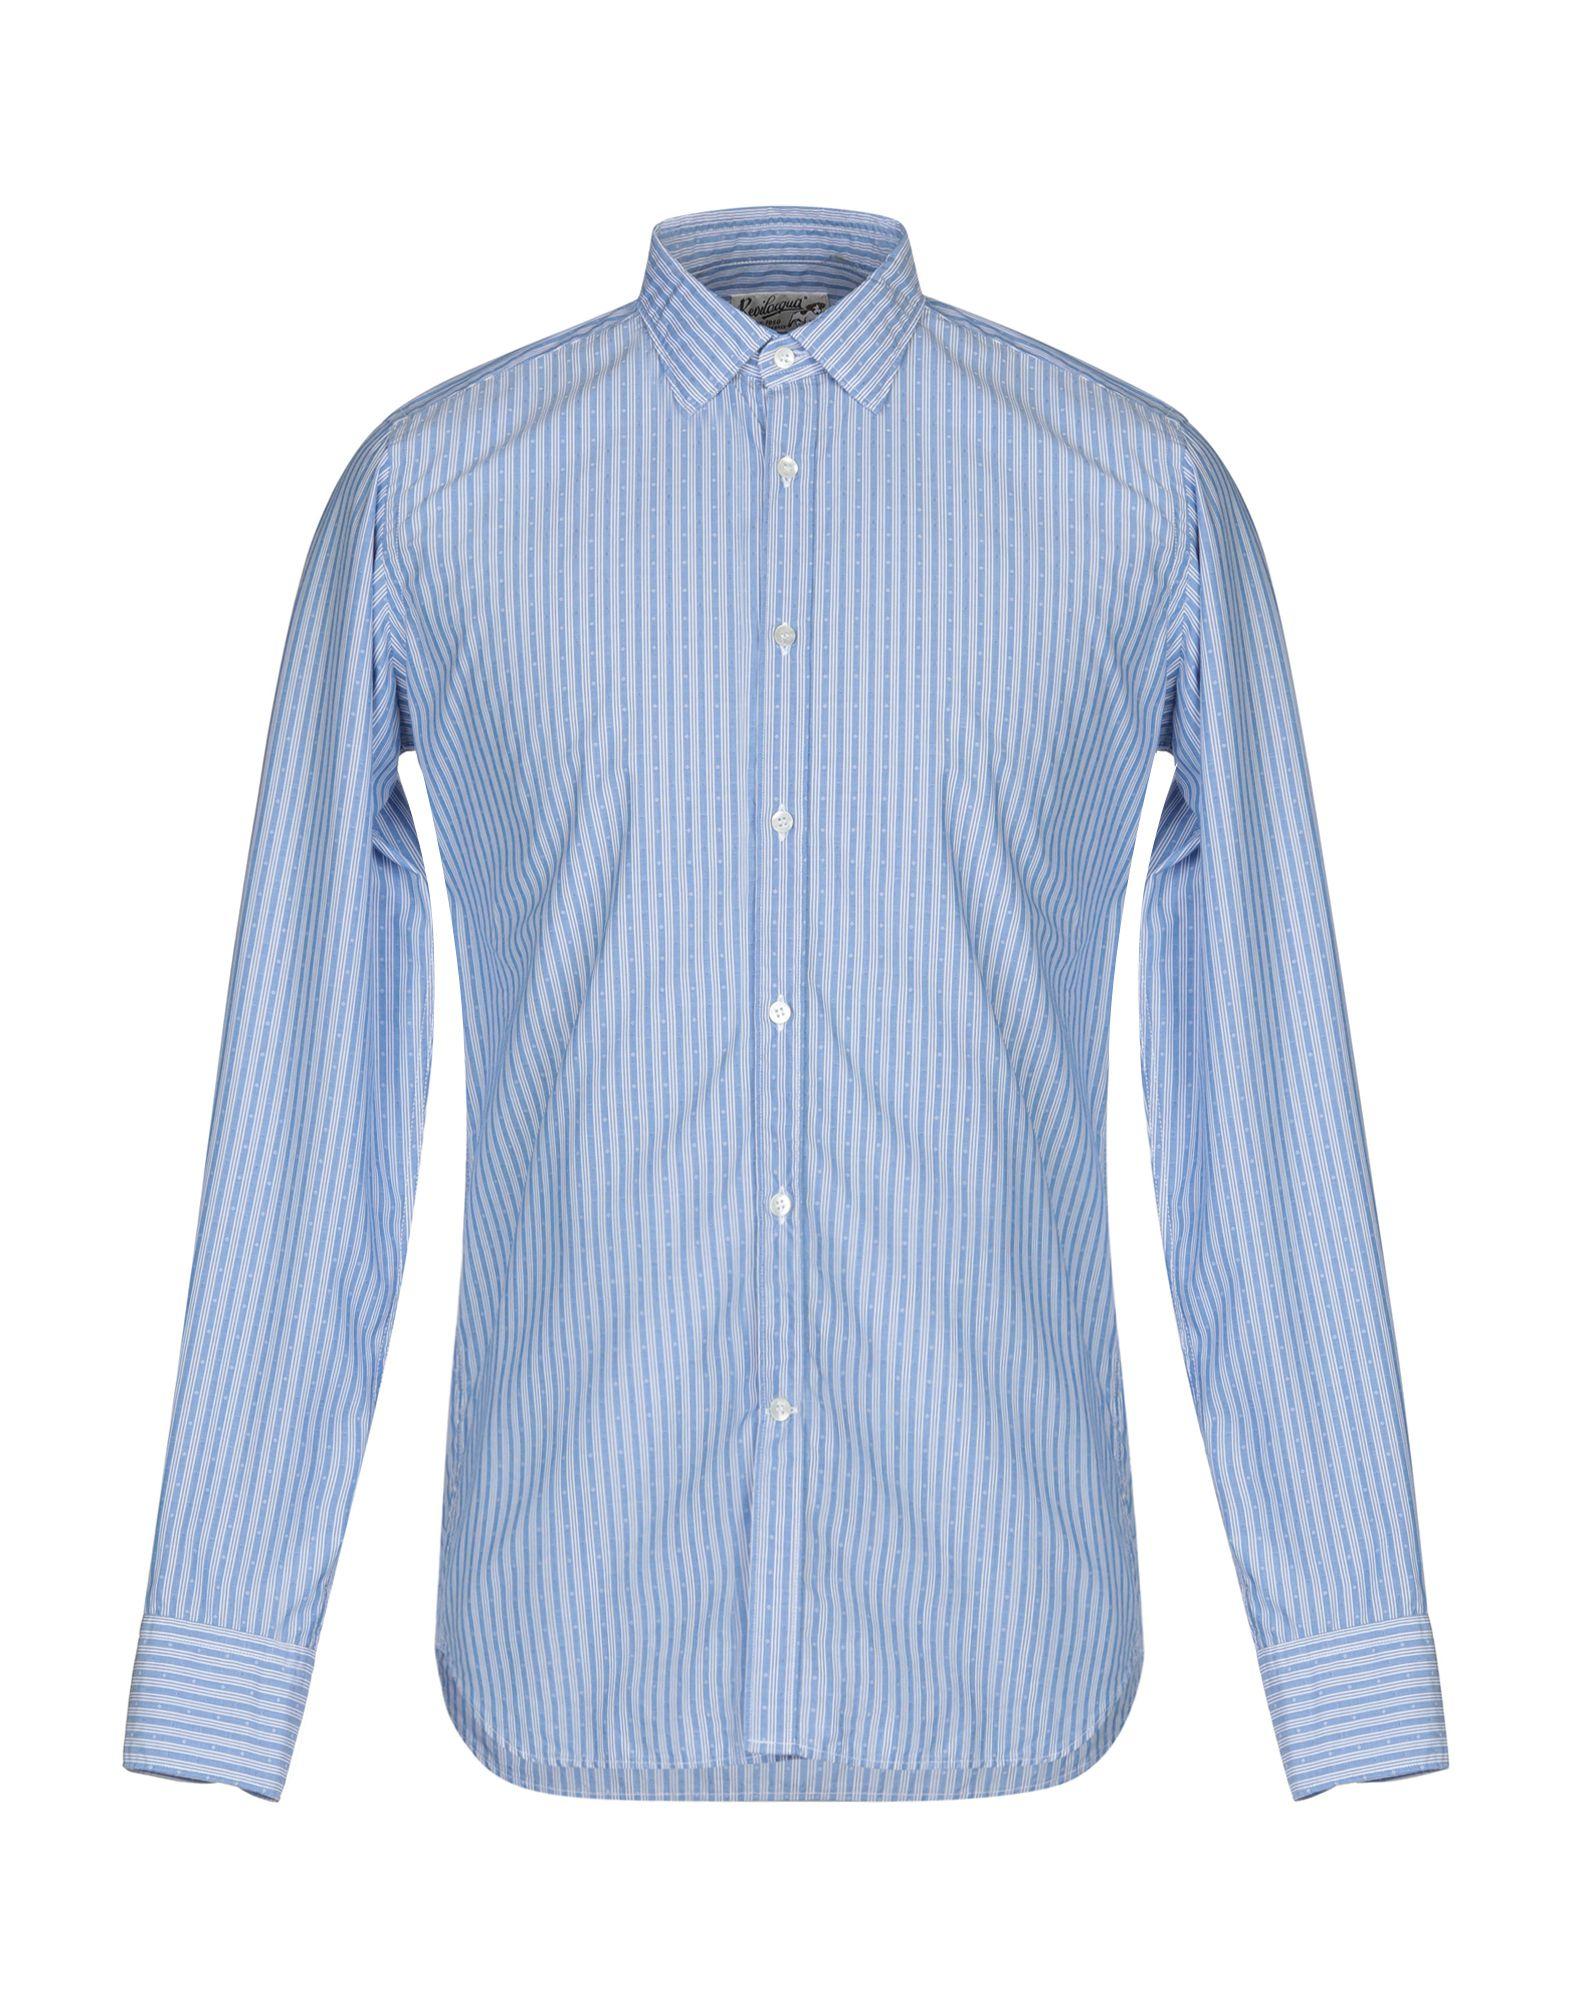 《送料無料》BEVILACQUA メンズ シャツ ブルーグレー S コットン 100%